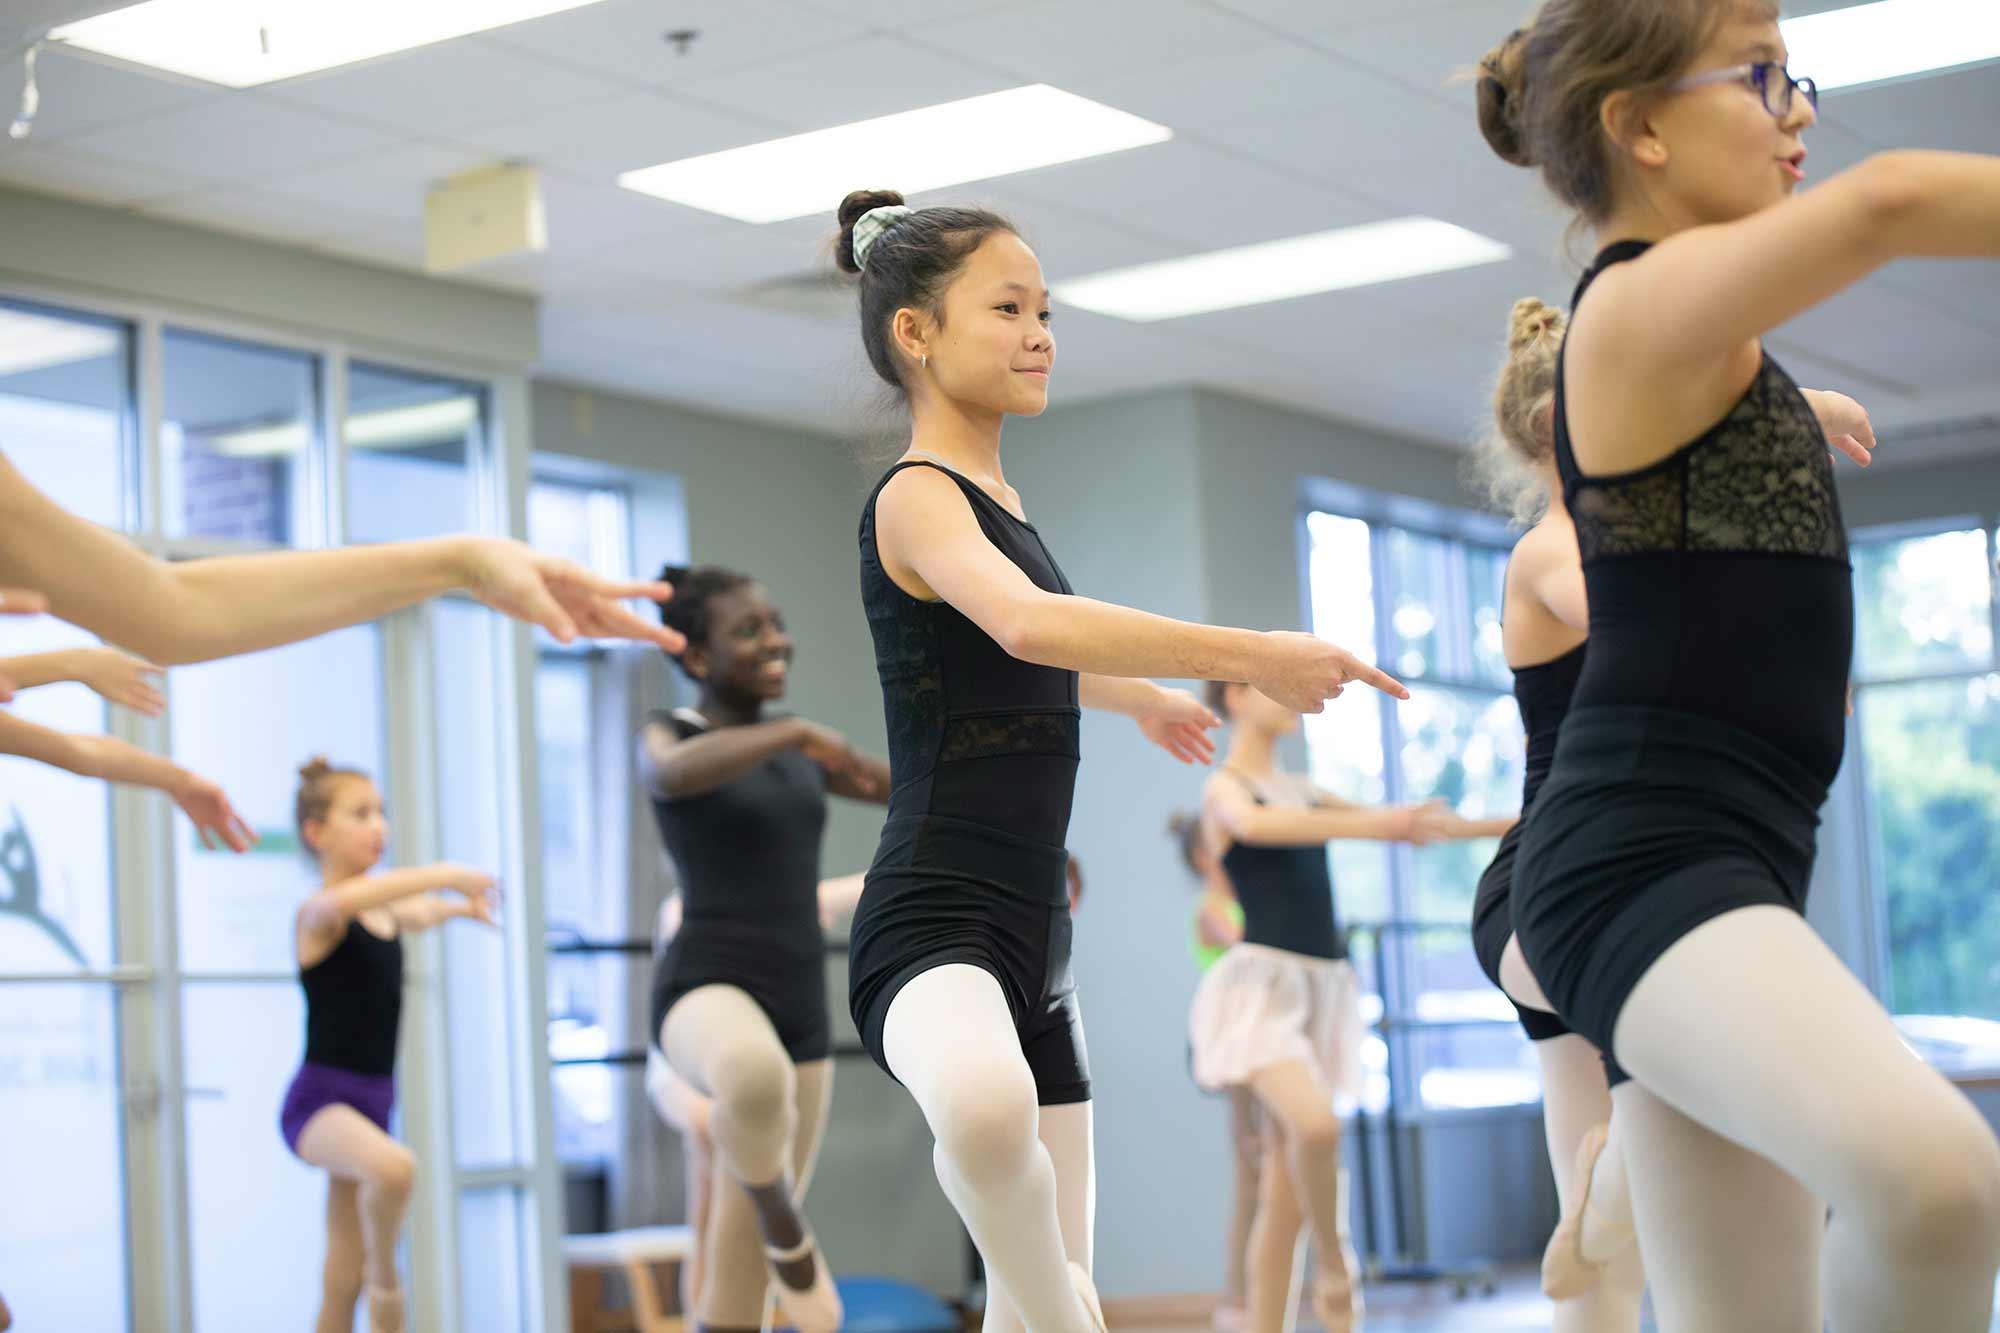 Dancers practicing ballet